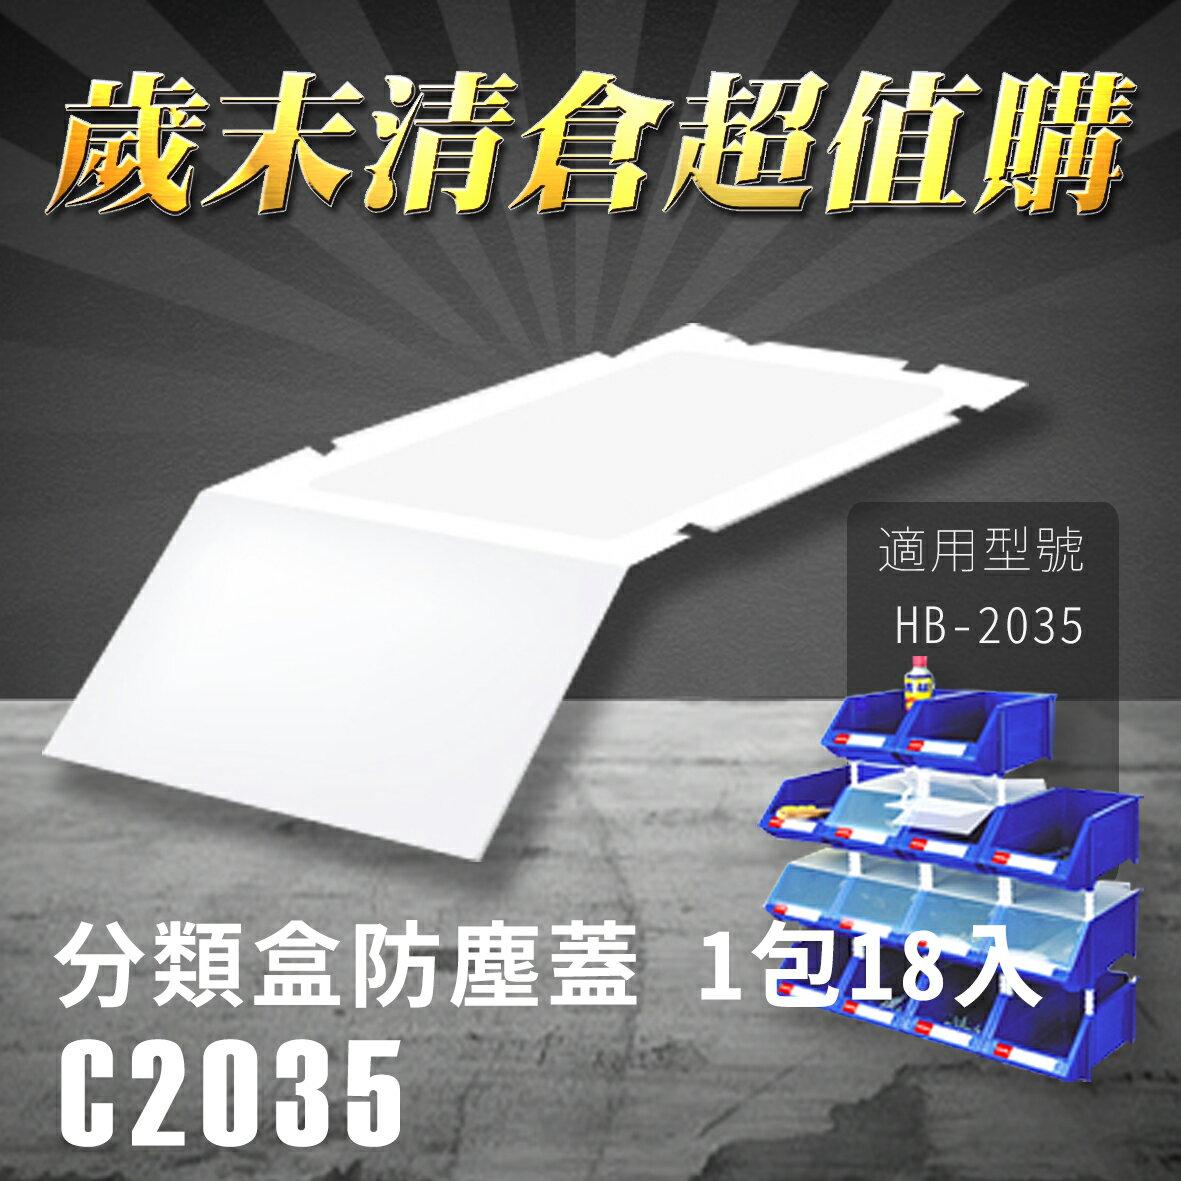 【耐衝擊分類整理盒】 樹德 防塵蓋 C-2035 (18入/包)HB-2035專用 彈簧固定設計